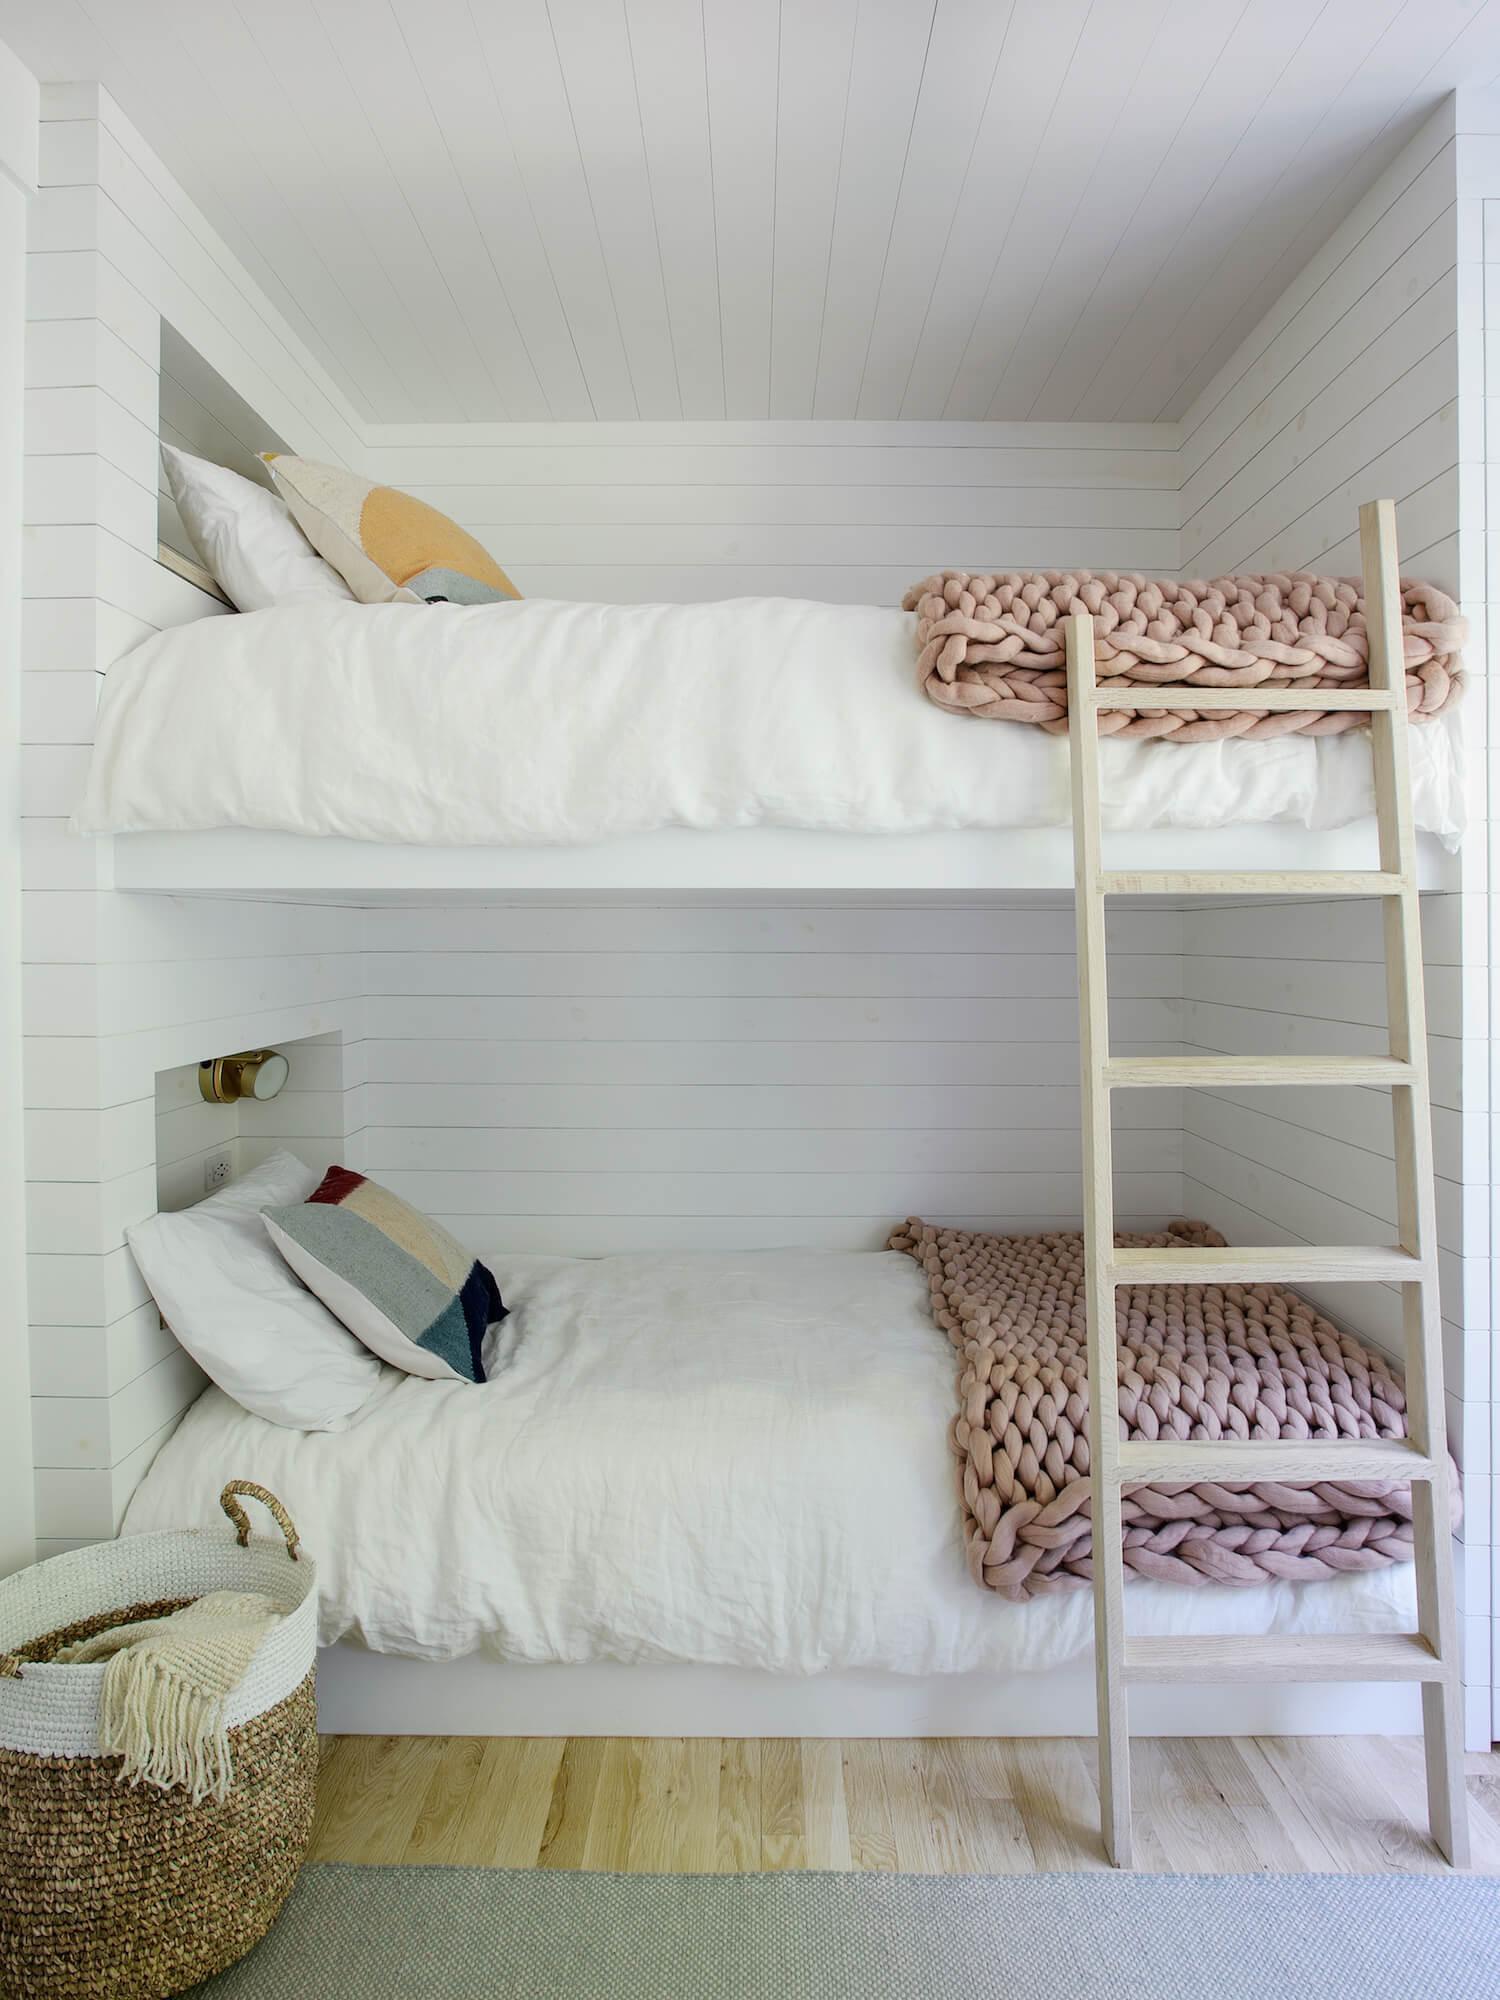 est living amagansett house jessica helgerson interior design 3